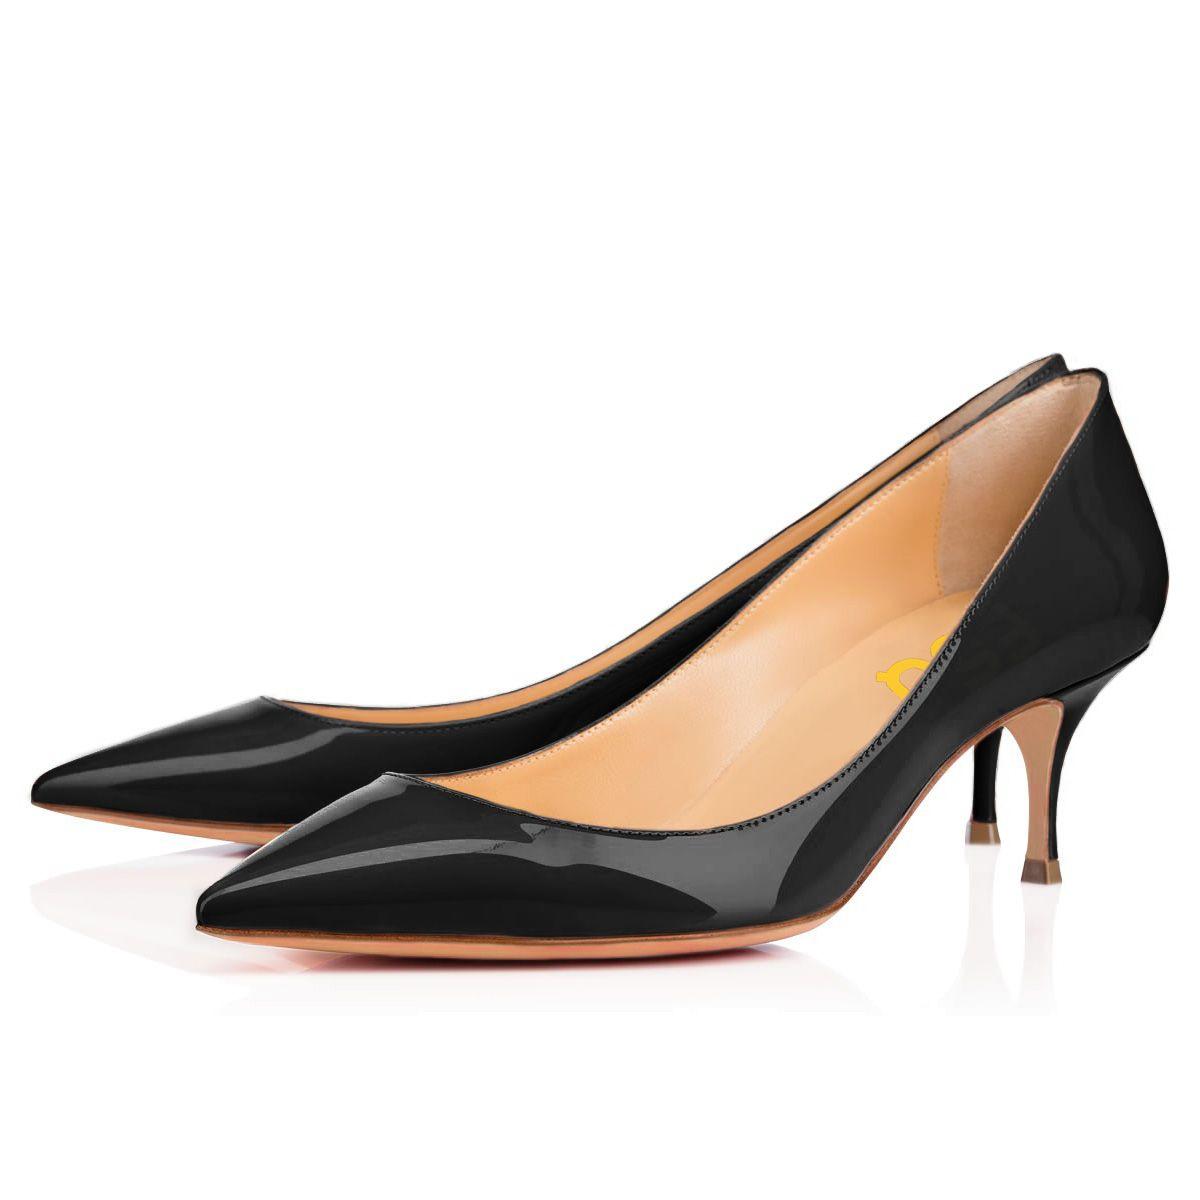 Black Kitten Heels Pointy Toe Patent Leather Office Heels By Fsj Heels Black Kitten Heels Office Heels